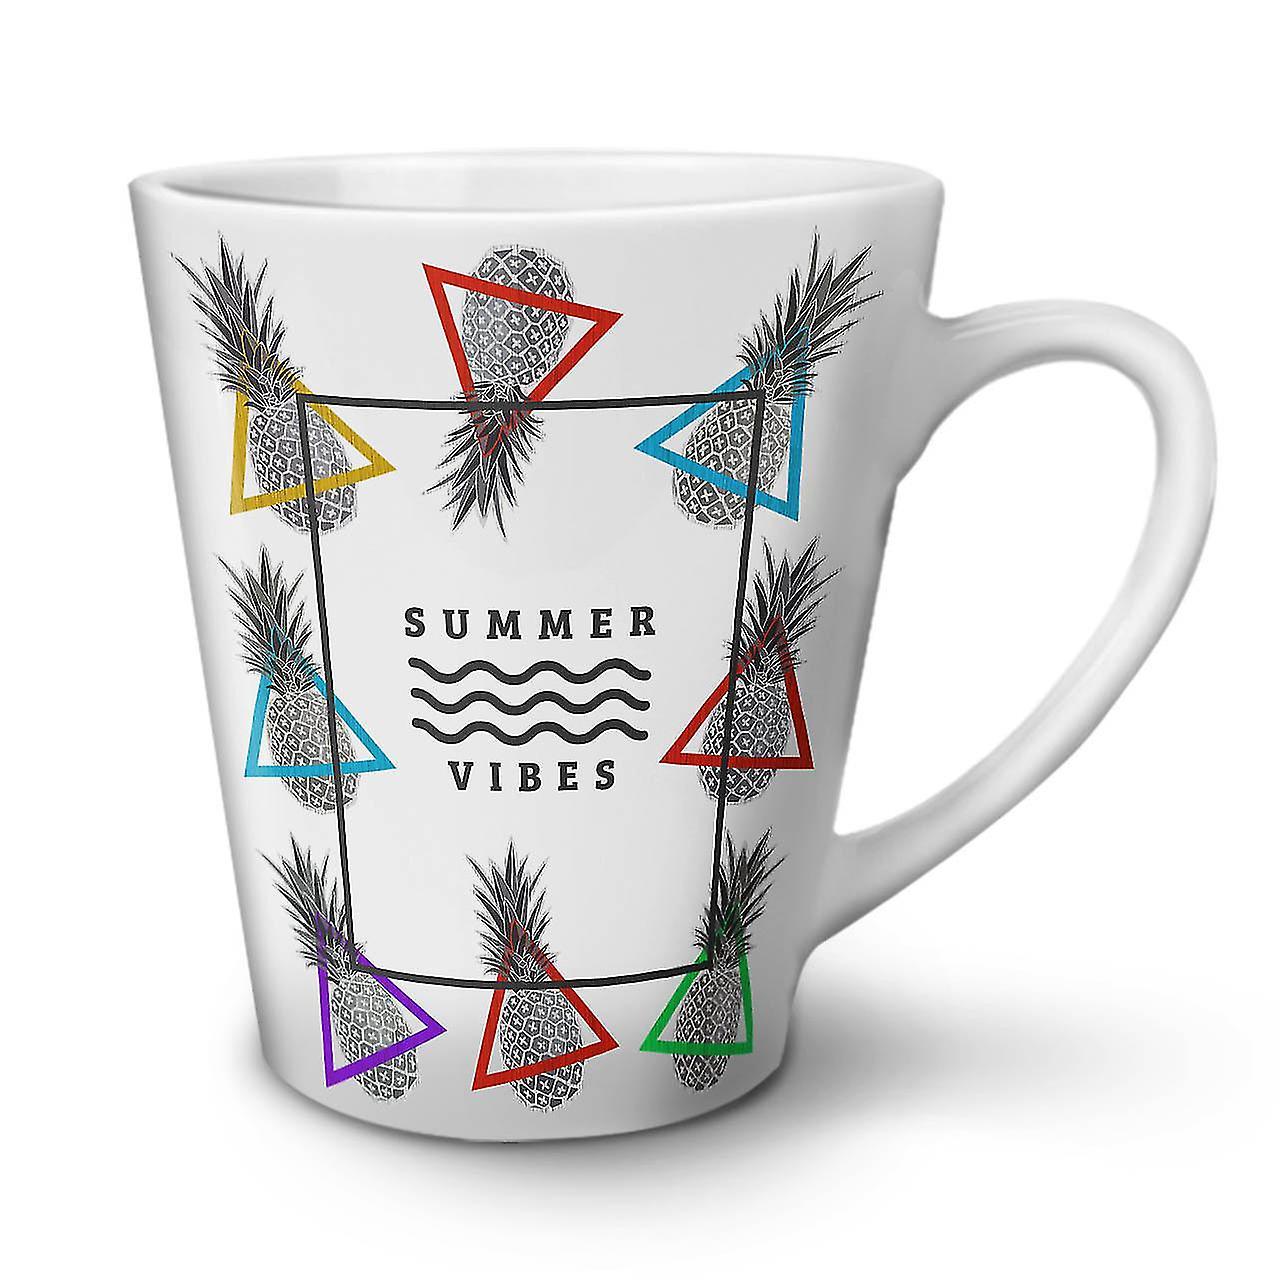 Summer Tasse Sun 12 En Blanche Céramique OzWellcoda Latte Vibes Nouvelle Café QWrCedxBo